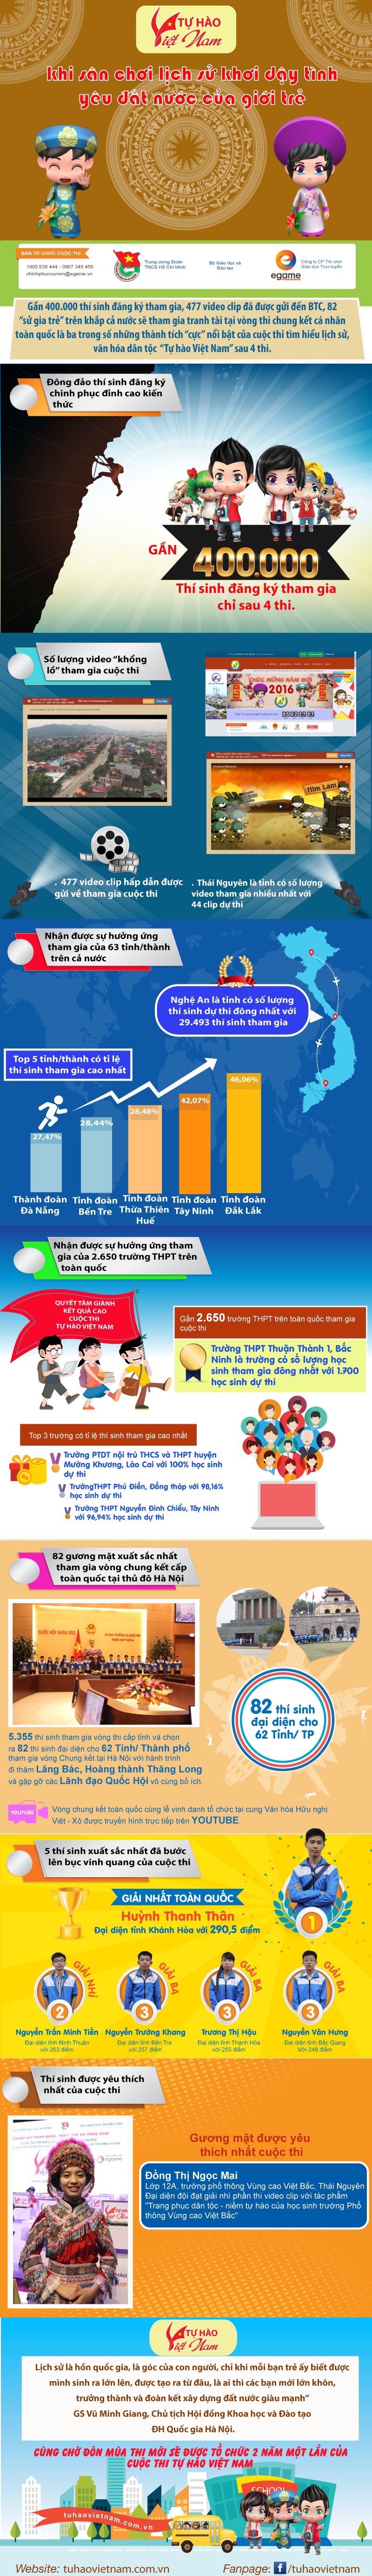 Tự hào Việt Nam - Cuộc thi góp phần khơi dậy tình yêu lịch sử trong giới trẻ - Ảnh 1.